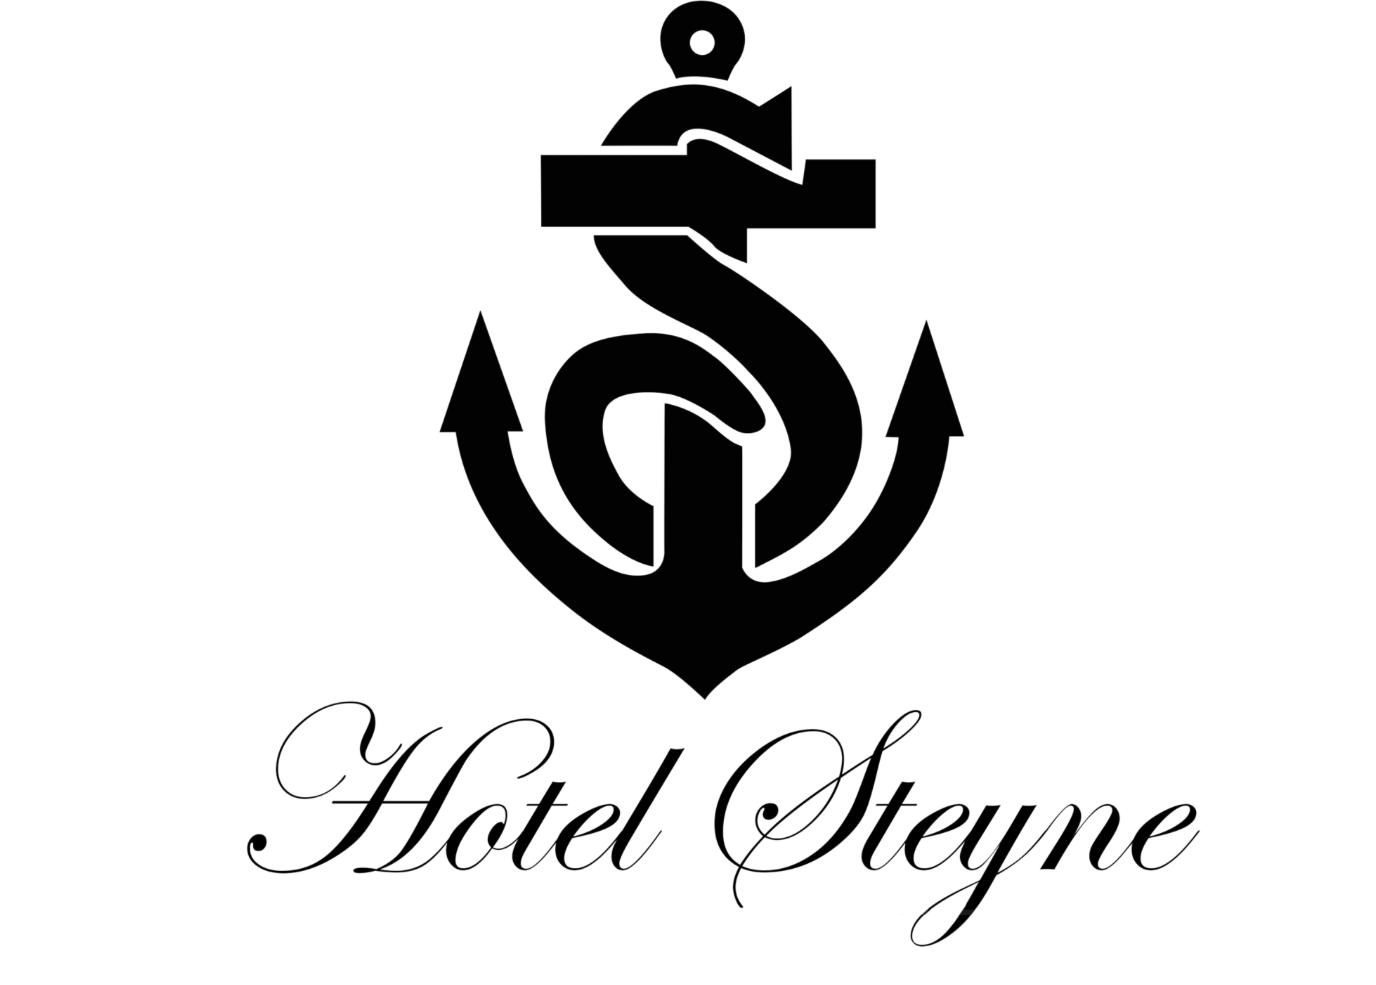 Hotel Steyne logo